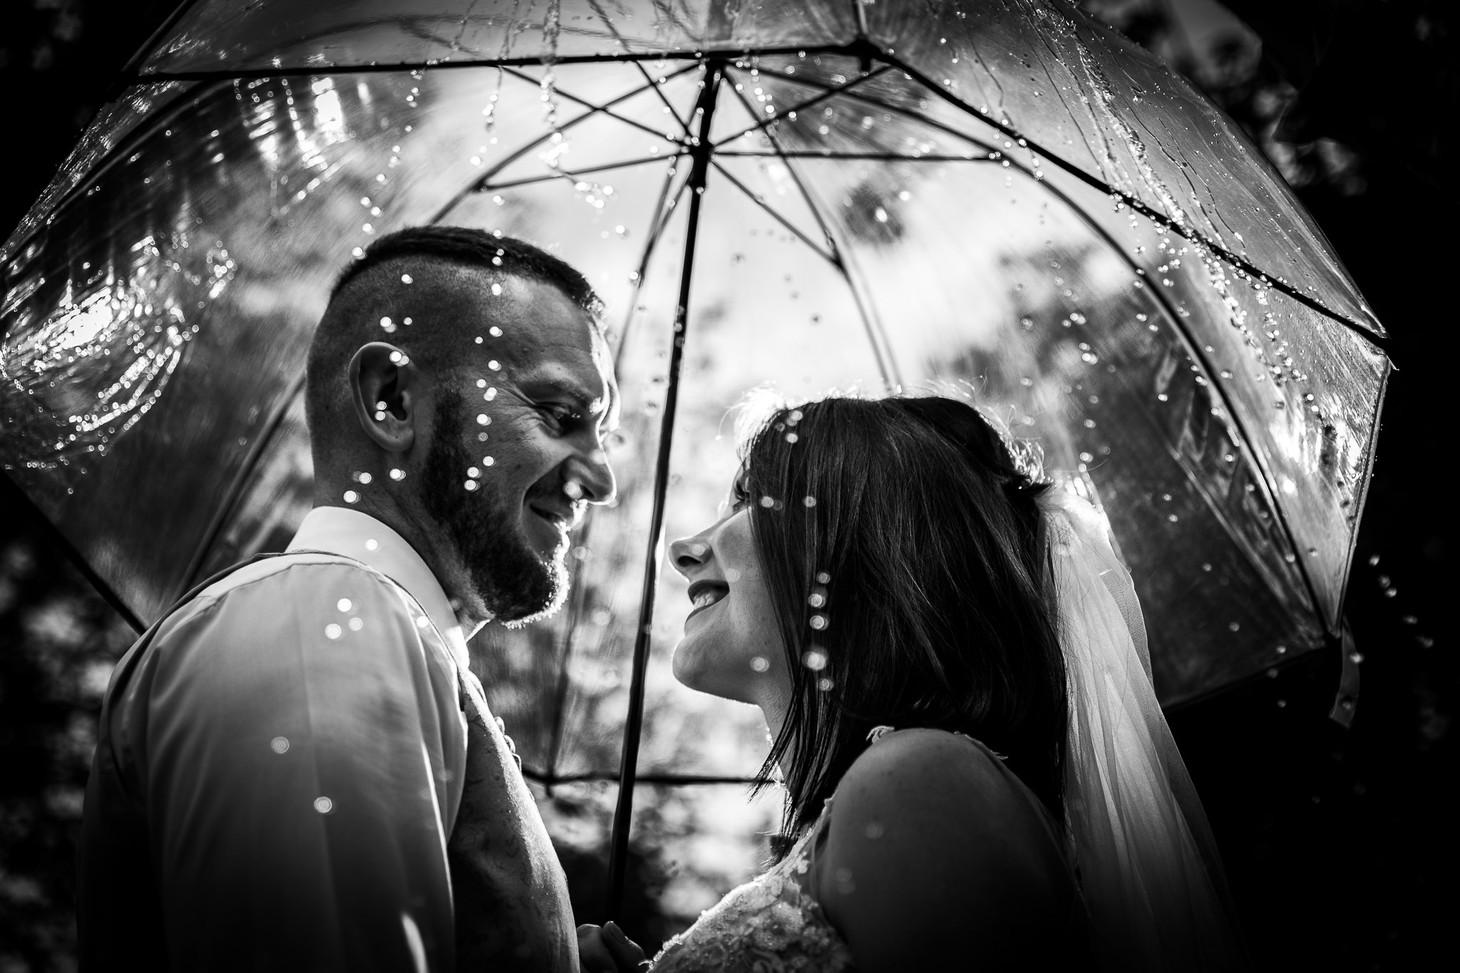 Brautpaar im Regen. Parkinsel - Stadtpark Ludwigshafen. Photo made by Willi Lasarenko Photography.